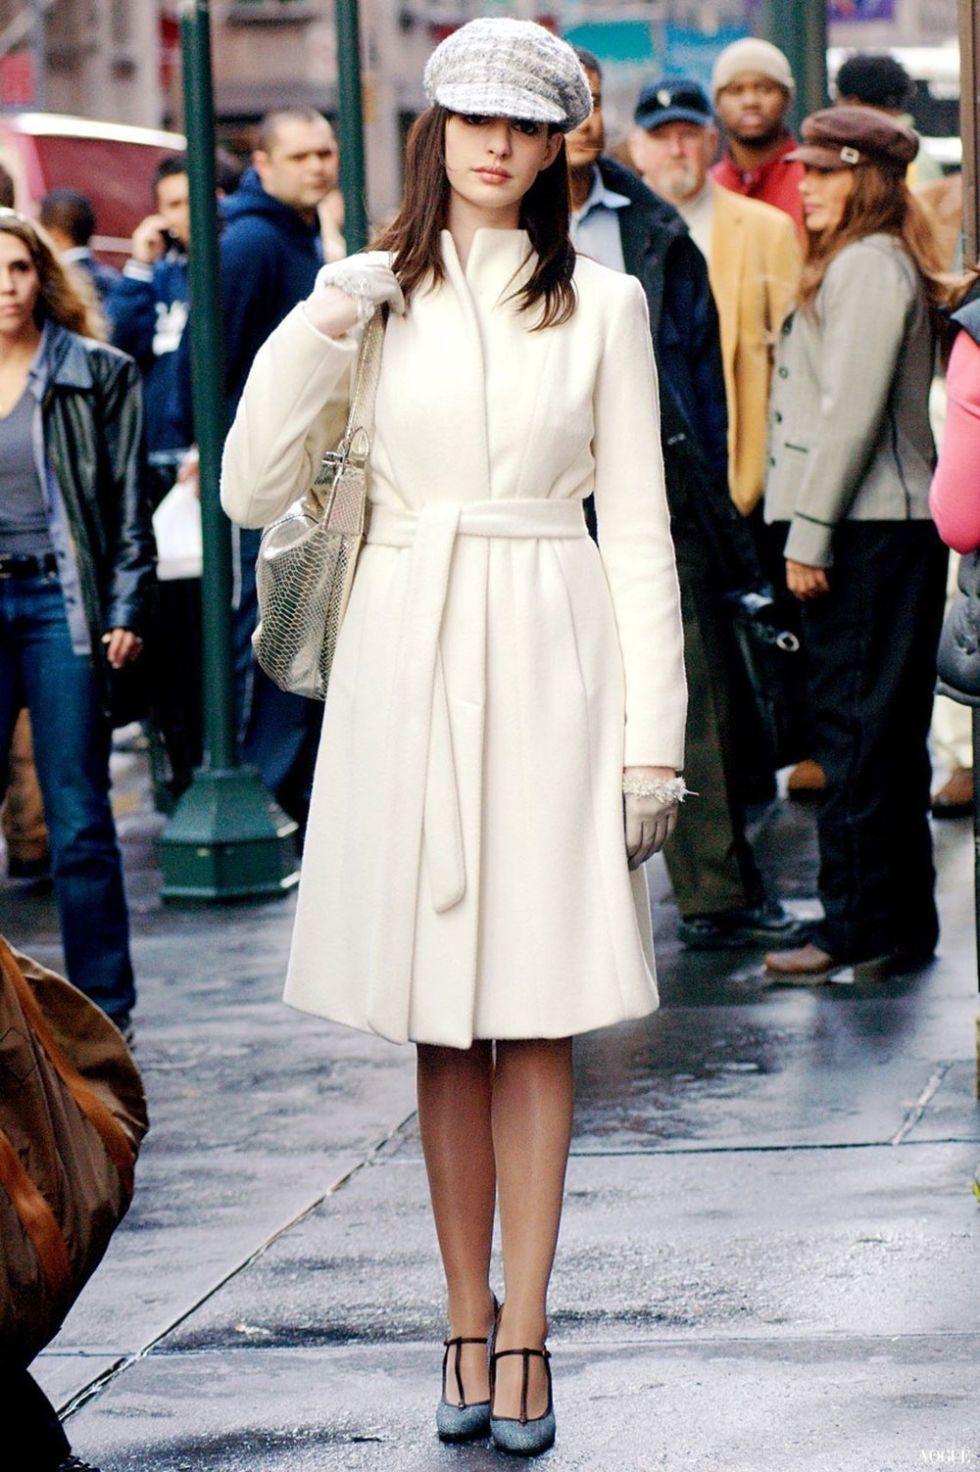 thời trang trong phim the devil wears prada andy áo khoác trench coat trắng mũ beret trắng